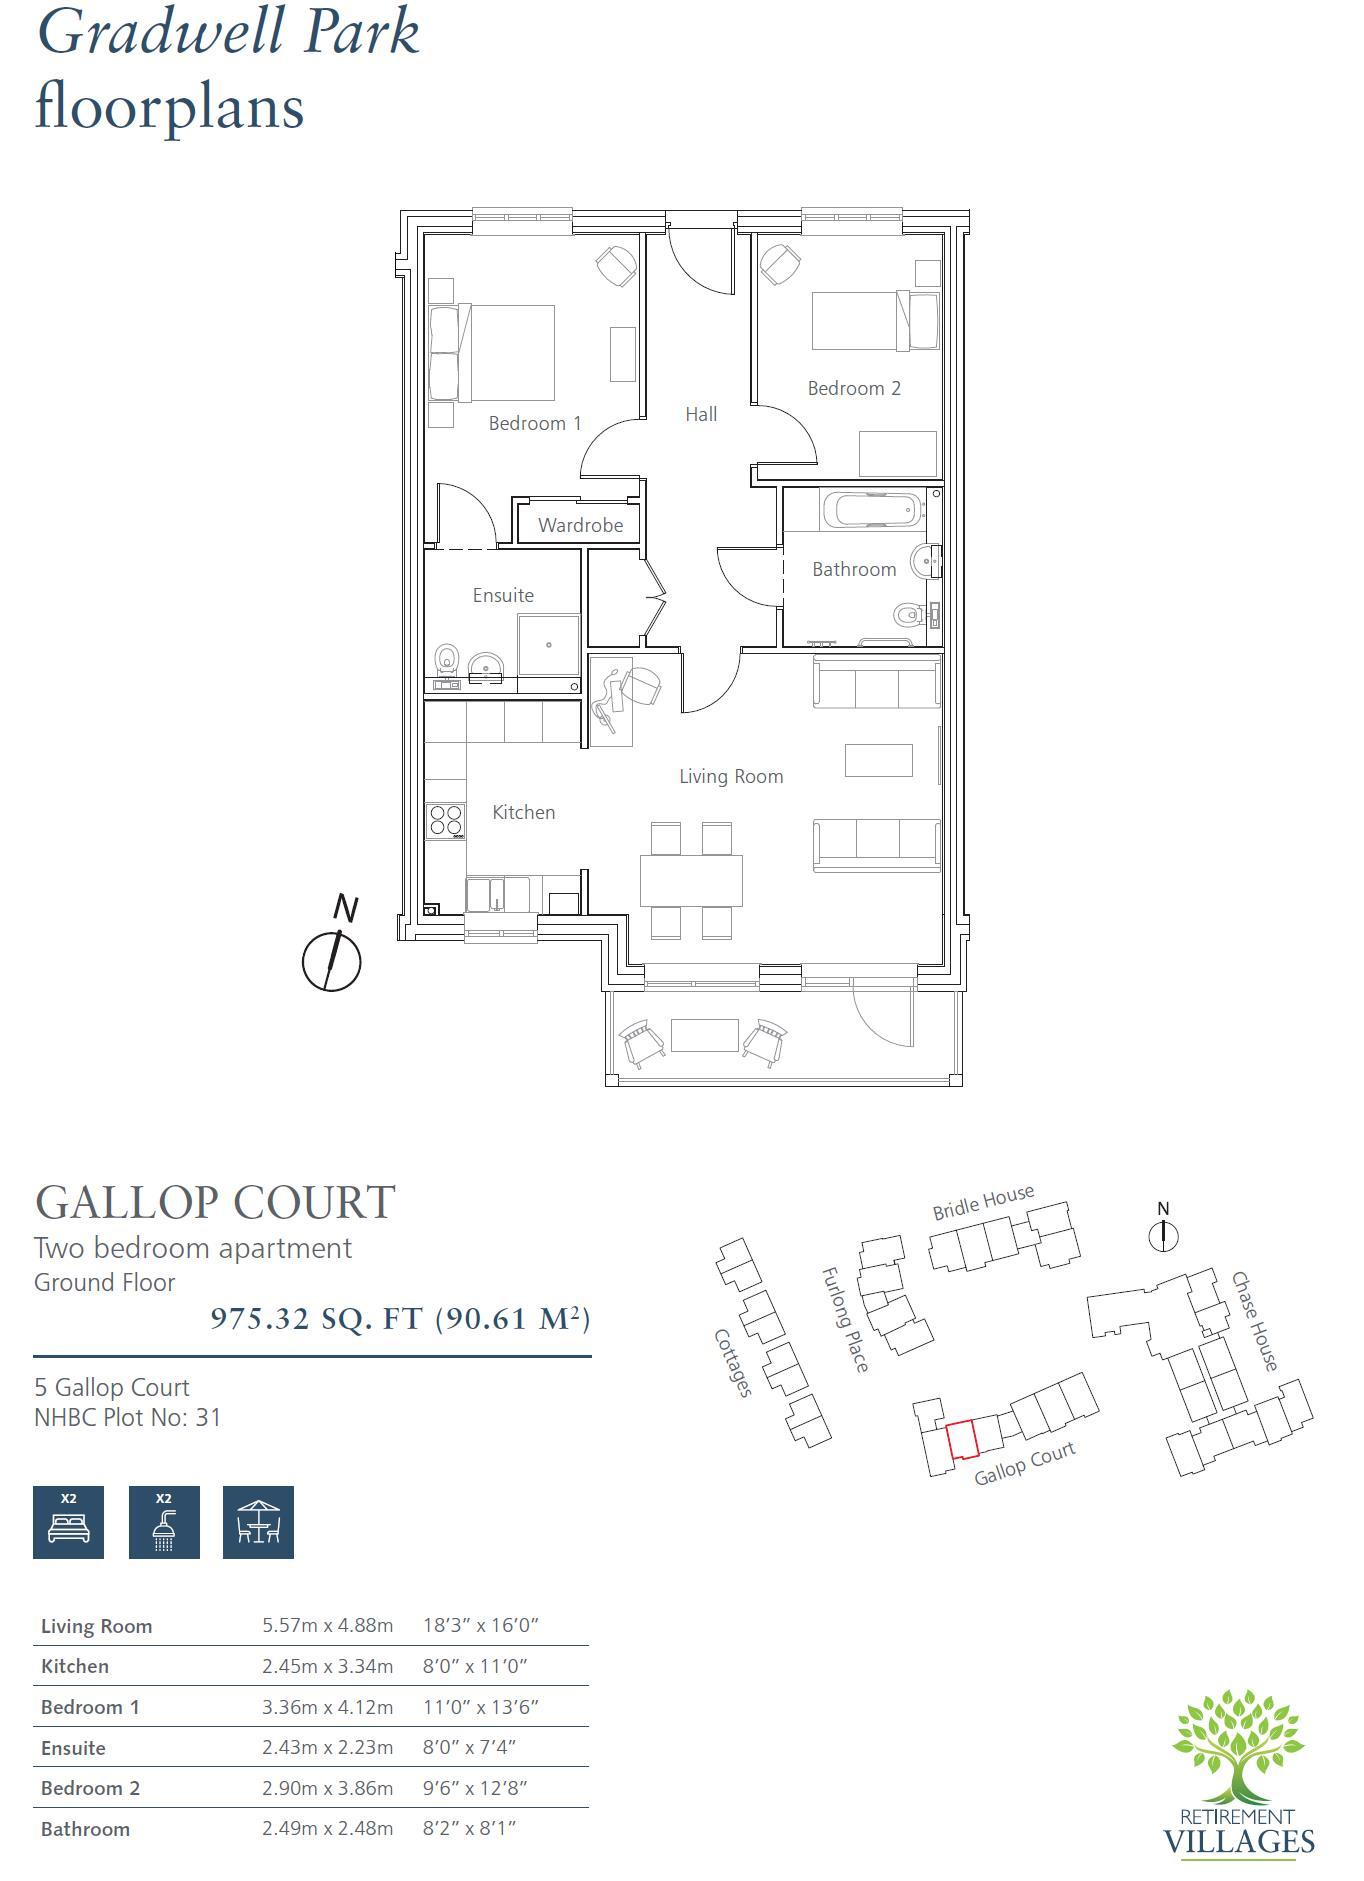 New Build, 5 Gallop Court Floorplan